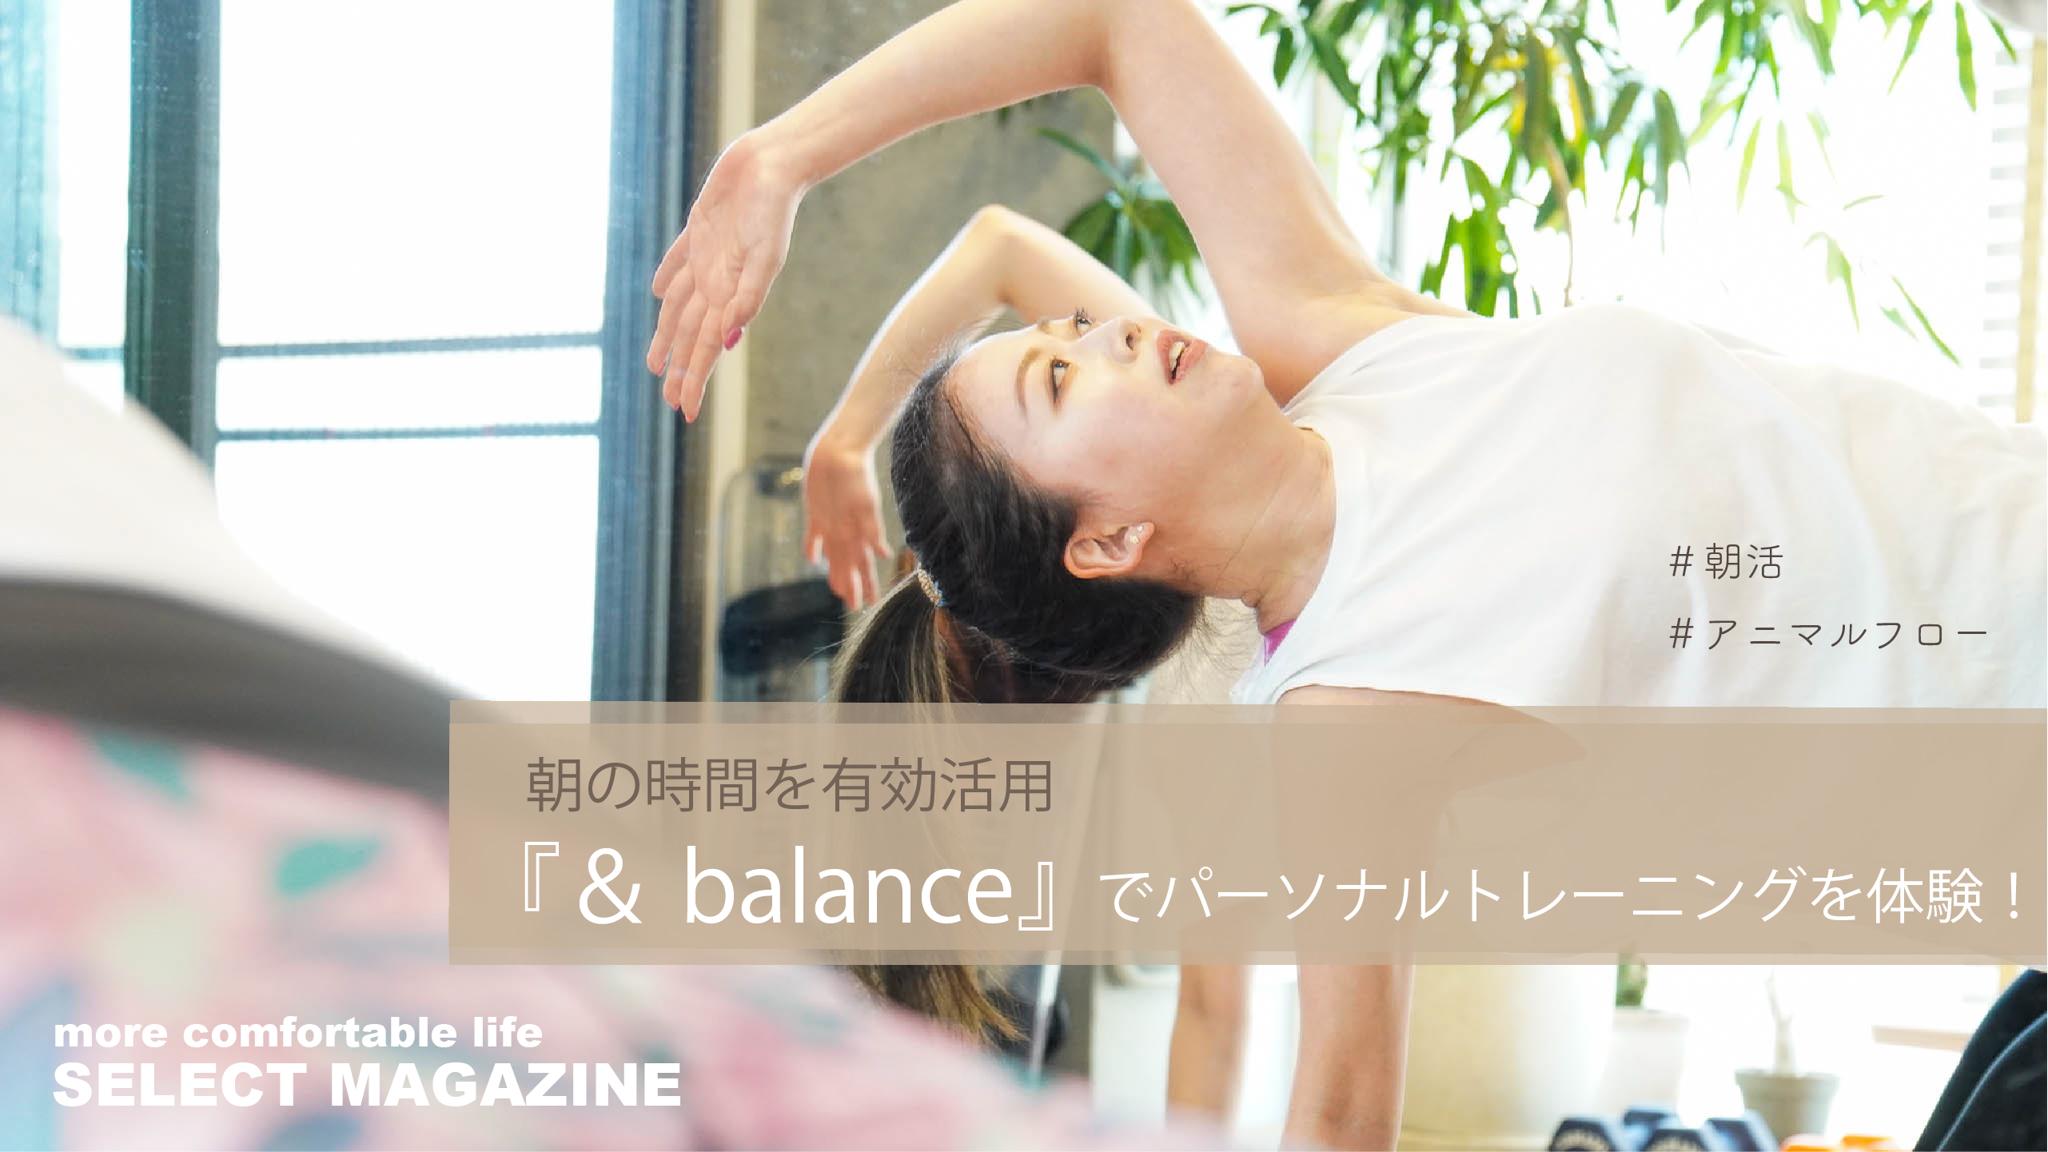 【朝活】朝の時間を有効活用『& balance』でパーソナルトレーニングを体験!|学芸大学